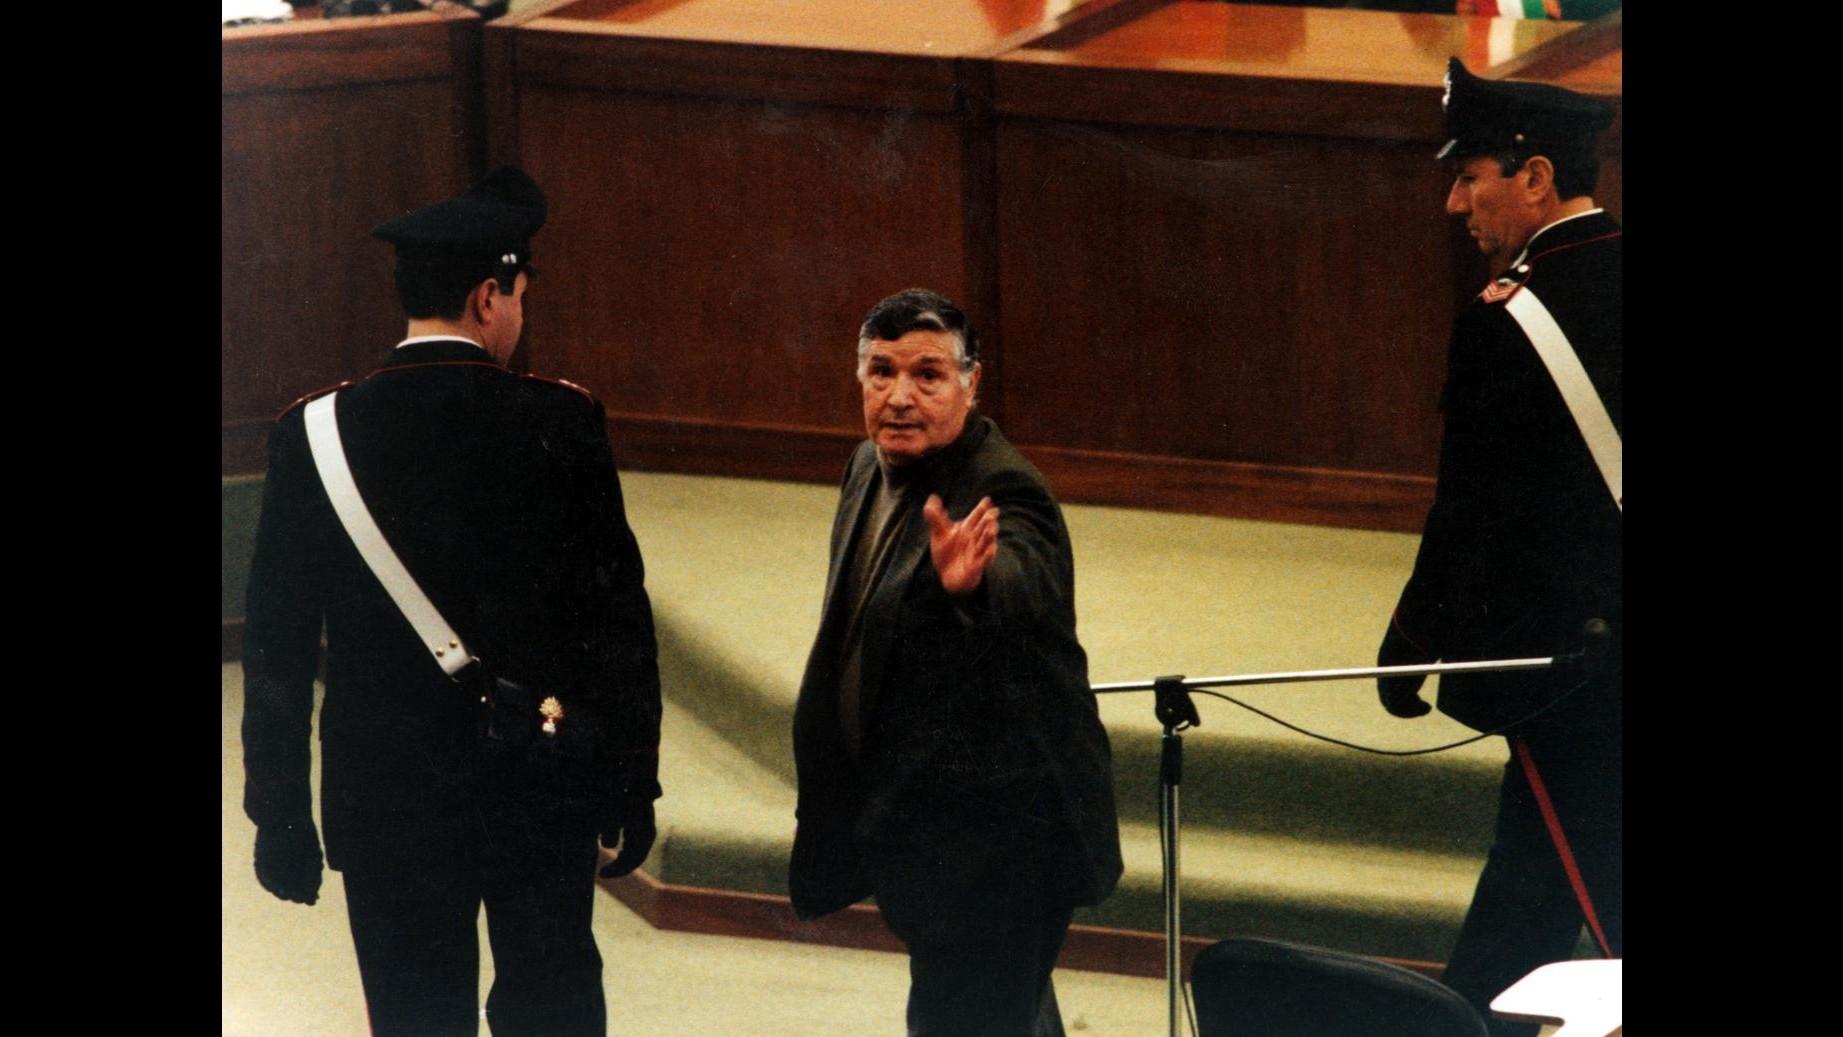 Stato-Mafia, Riina: Io andreottiano da sempre